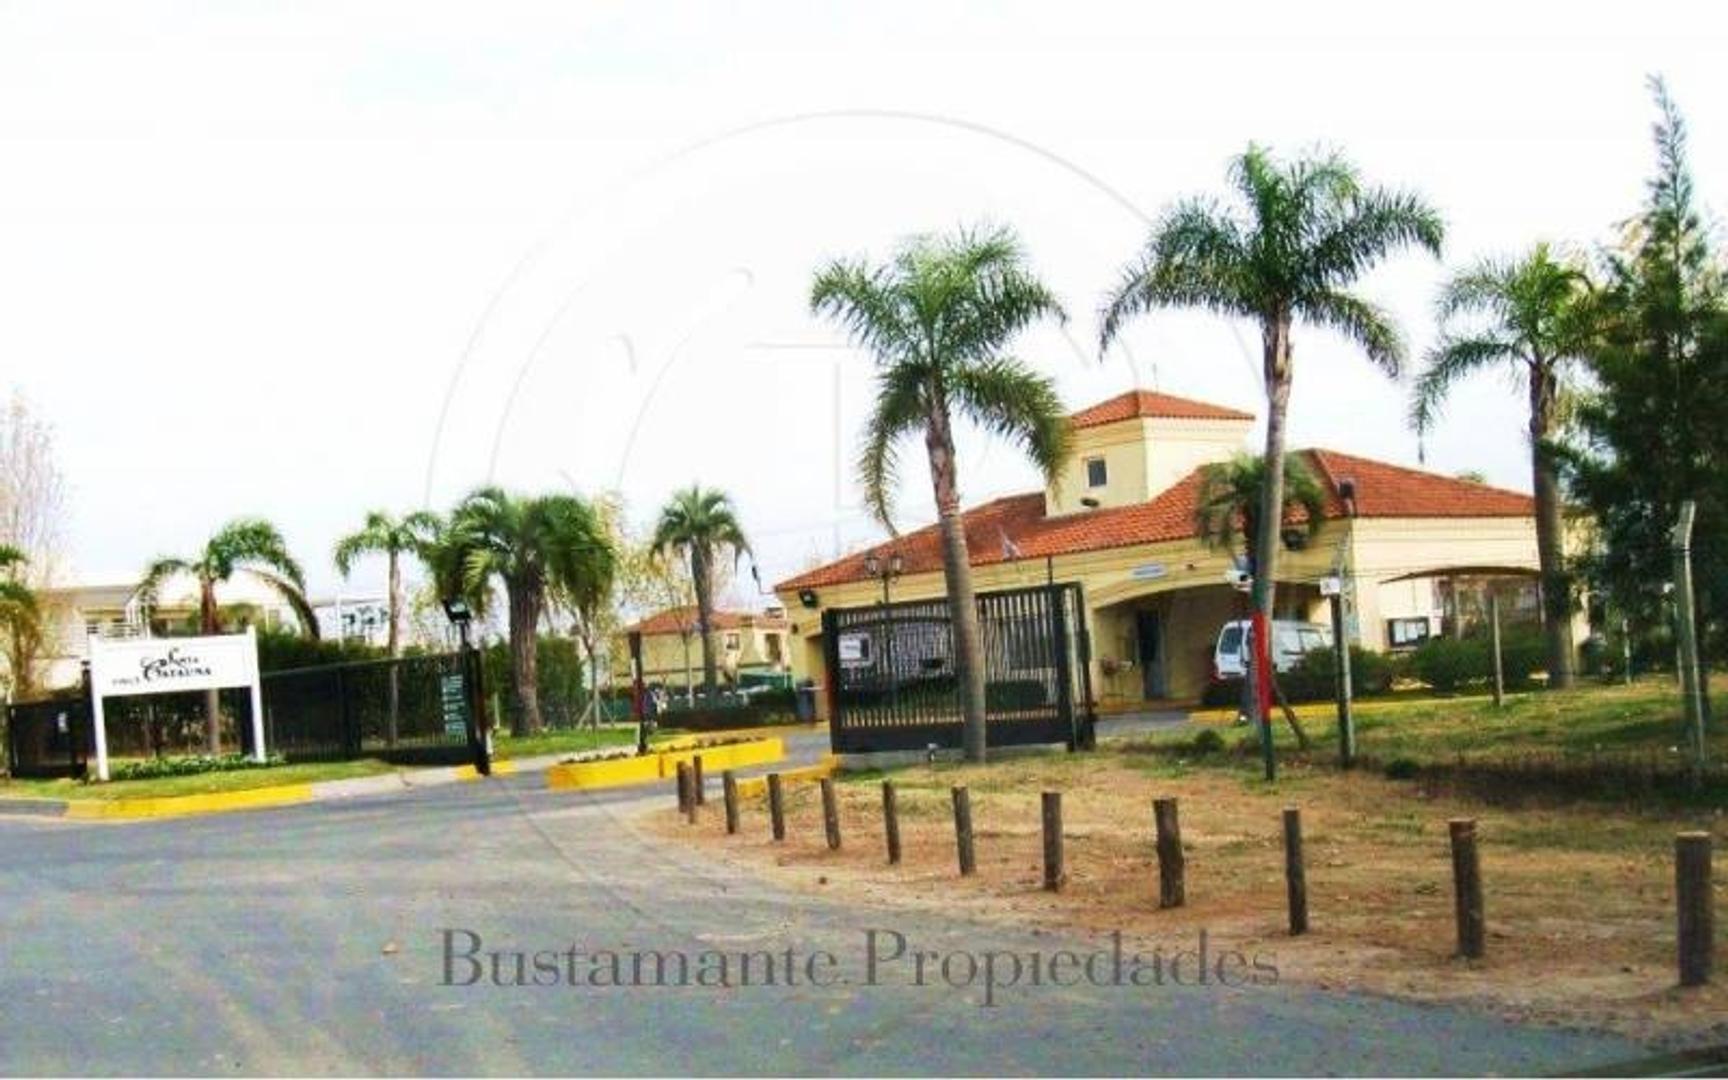 BUSTAMANTE PROP.-  SANTA CATALINA - 5824 -  escriturable apto crédito - Barrio Cerrado - Lote - Ven